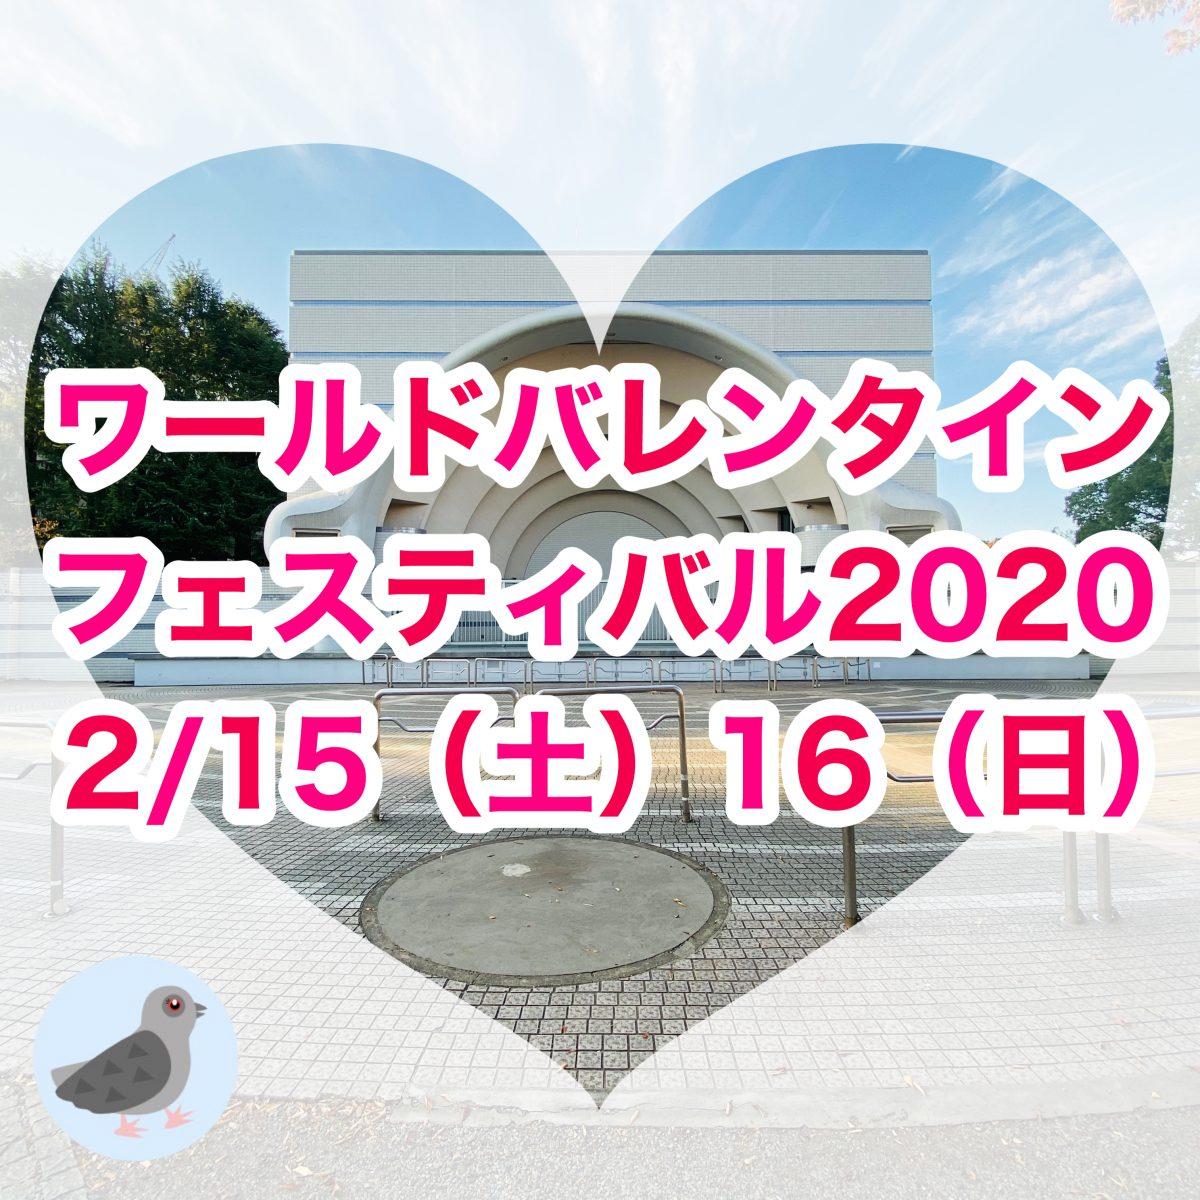 第6回ワールドバレンタインフェスティバル2020